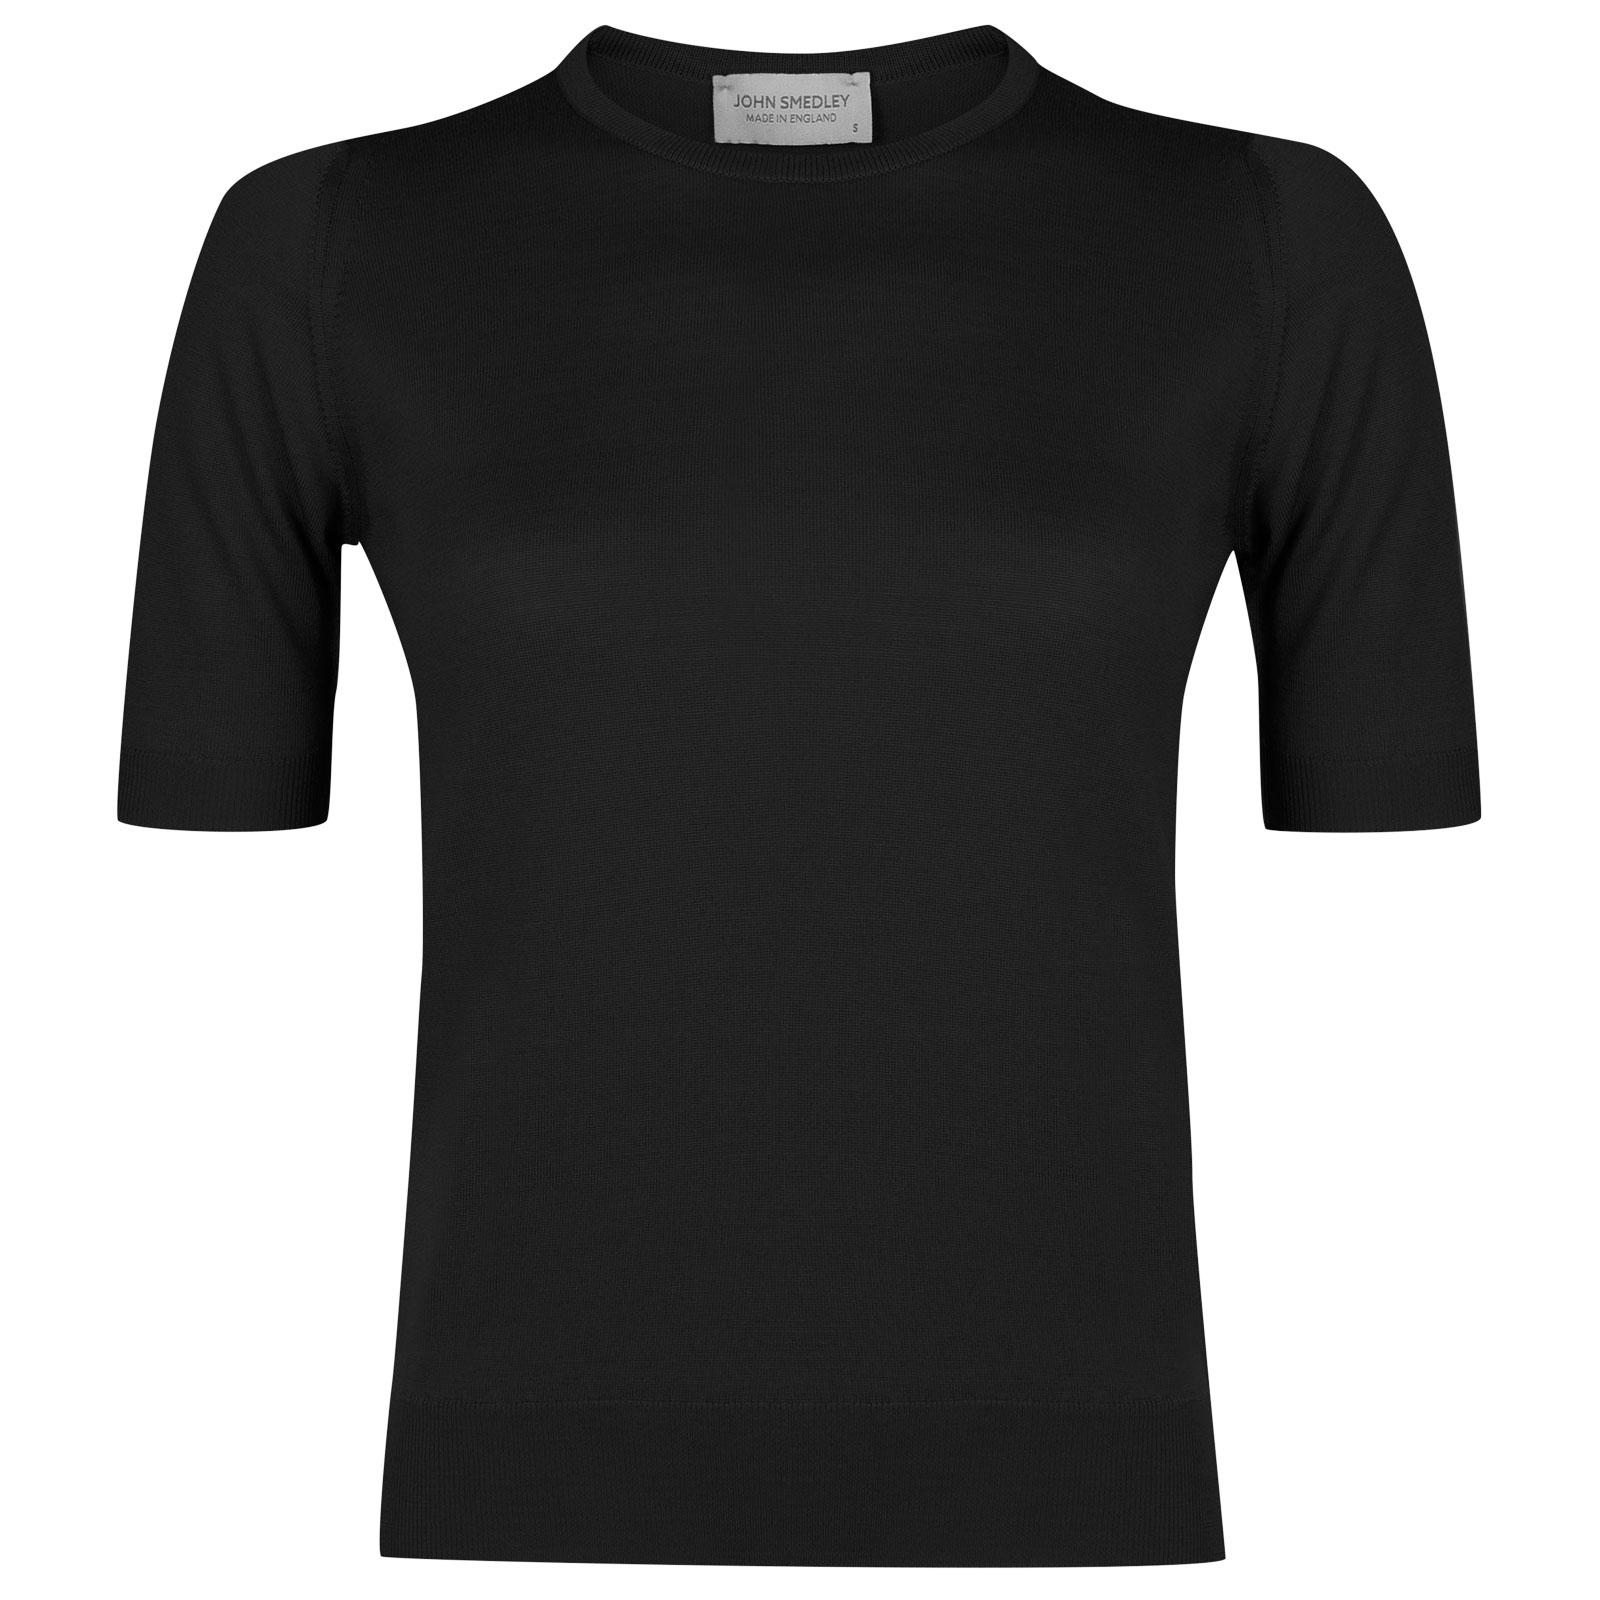 John Smedley Trieste Sweater in Black-L